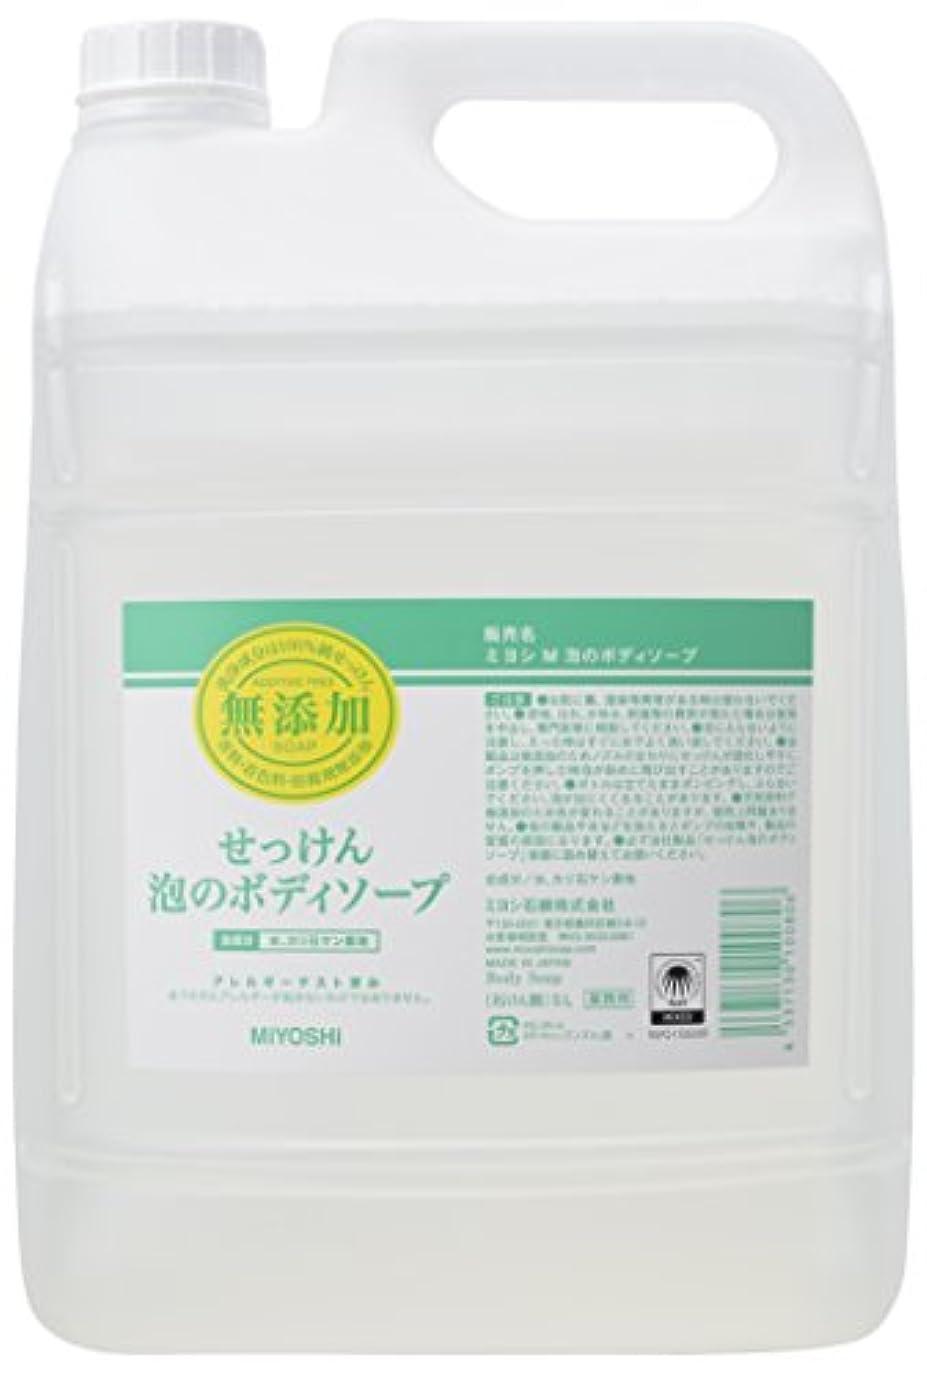 争う間接的元気ミヨシ石鹸 無添加せっけん 泡のボディソープ 詰替え用 5L